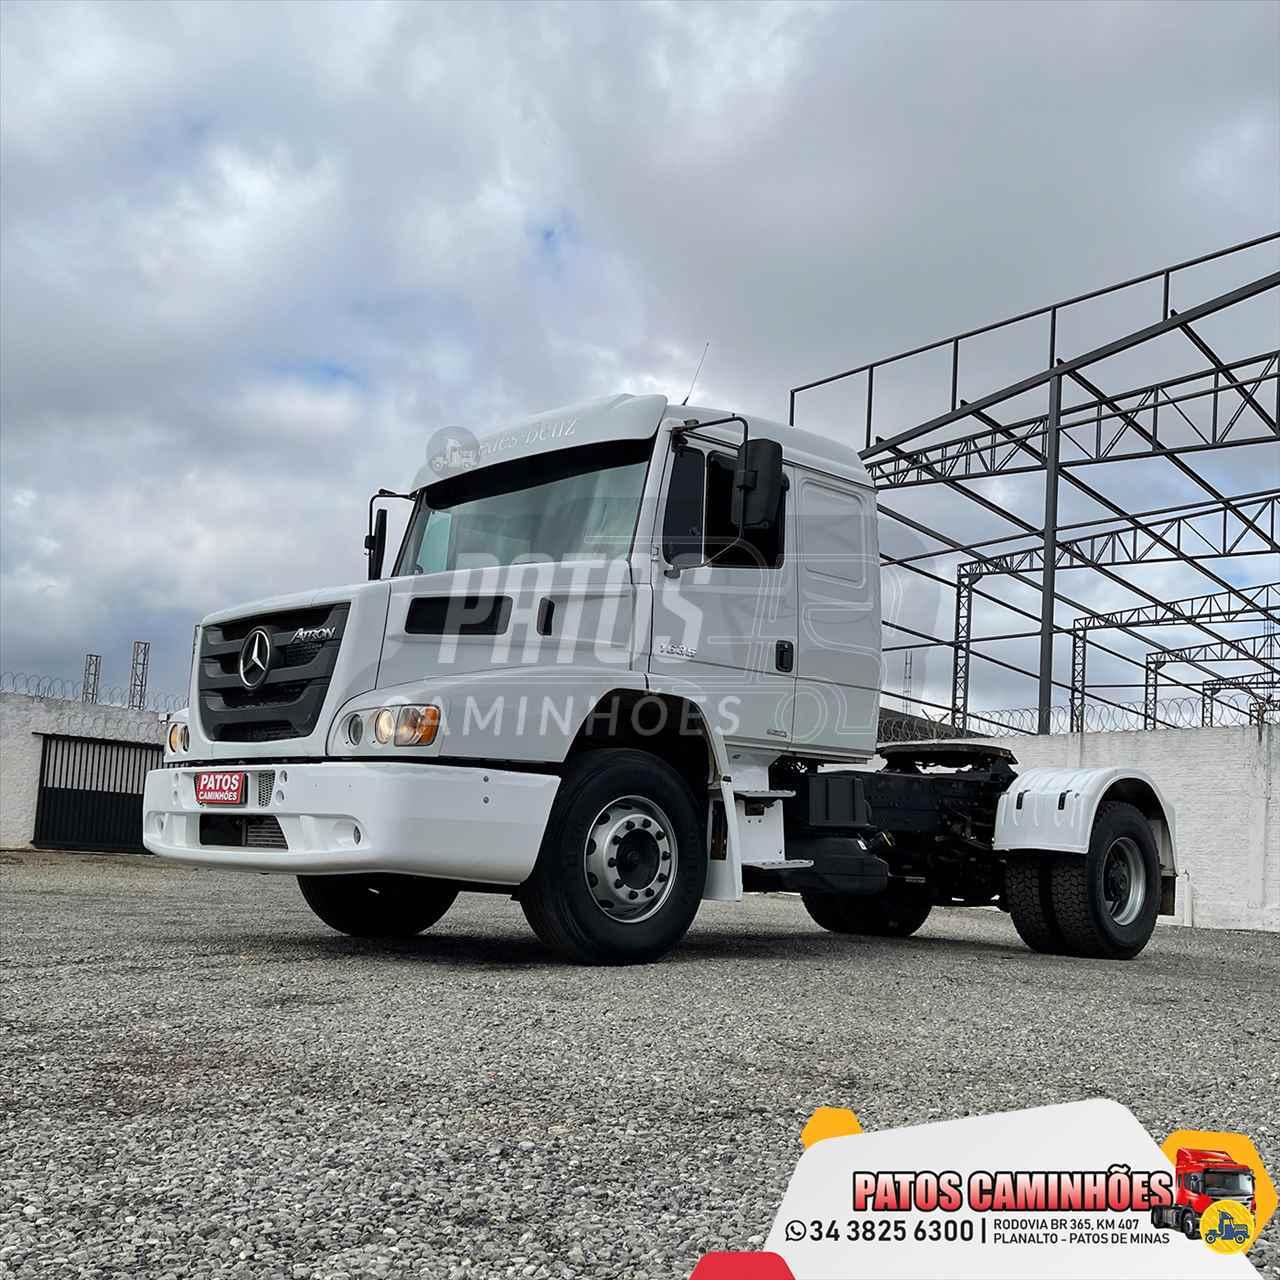 CAMINHAO MERCEDES-BENZ MB 1635 Cavalo Mecânico Toco 4x2 Patos Caminhões PATOS DE MINAS MINAS GERAIS MG